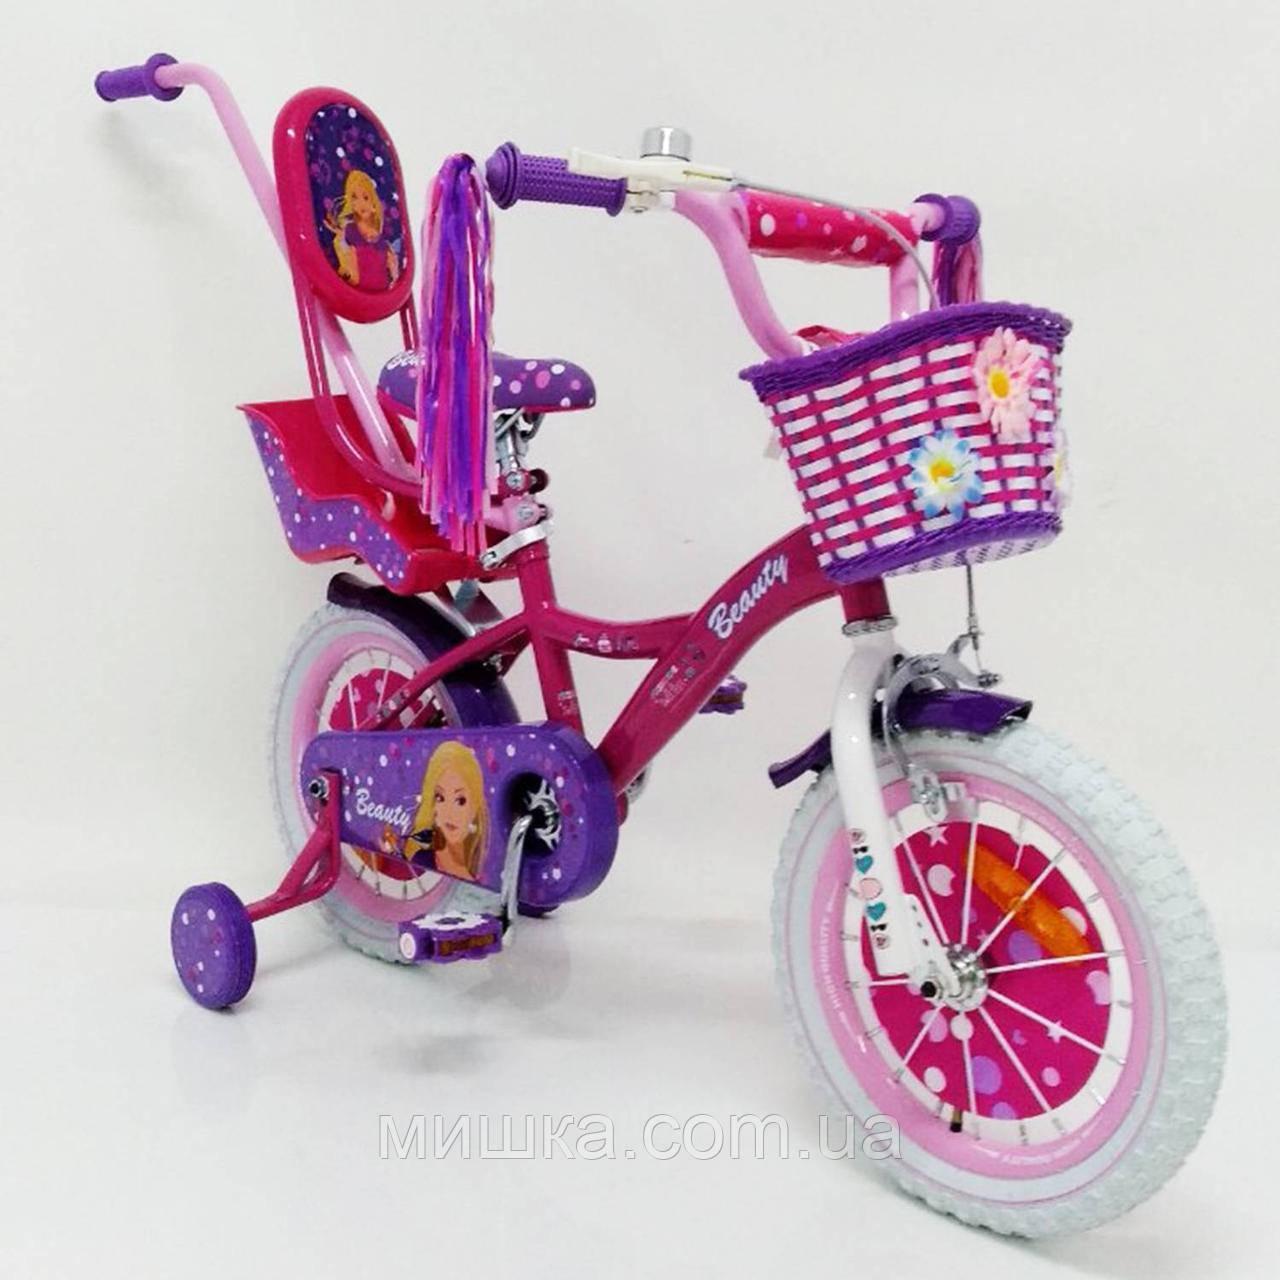 """Детский велосипед SIGMA """"BEAUTY-2"""" 19ВВ02-14"""" Фиолетовый"""